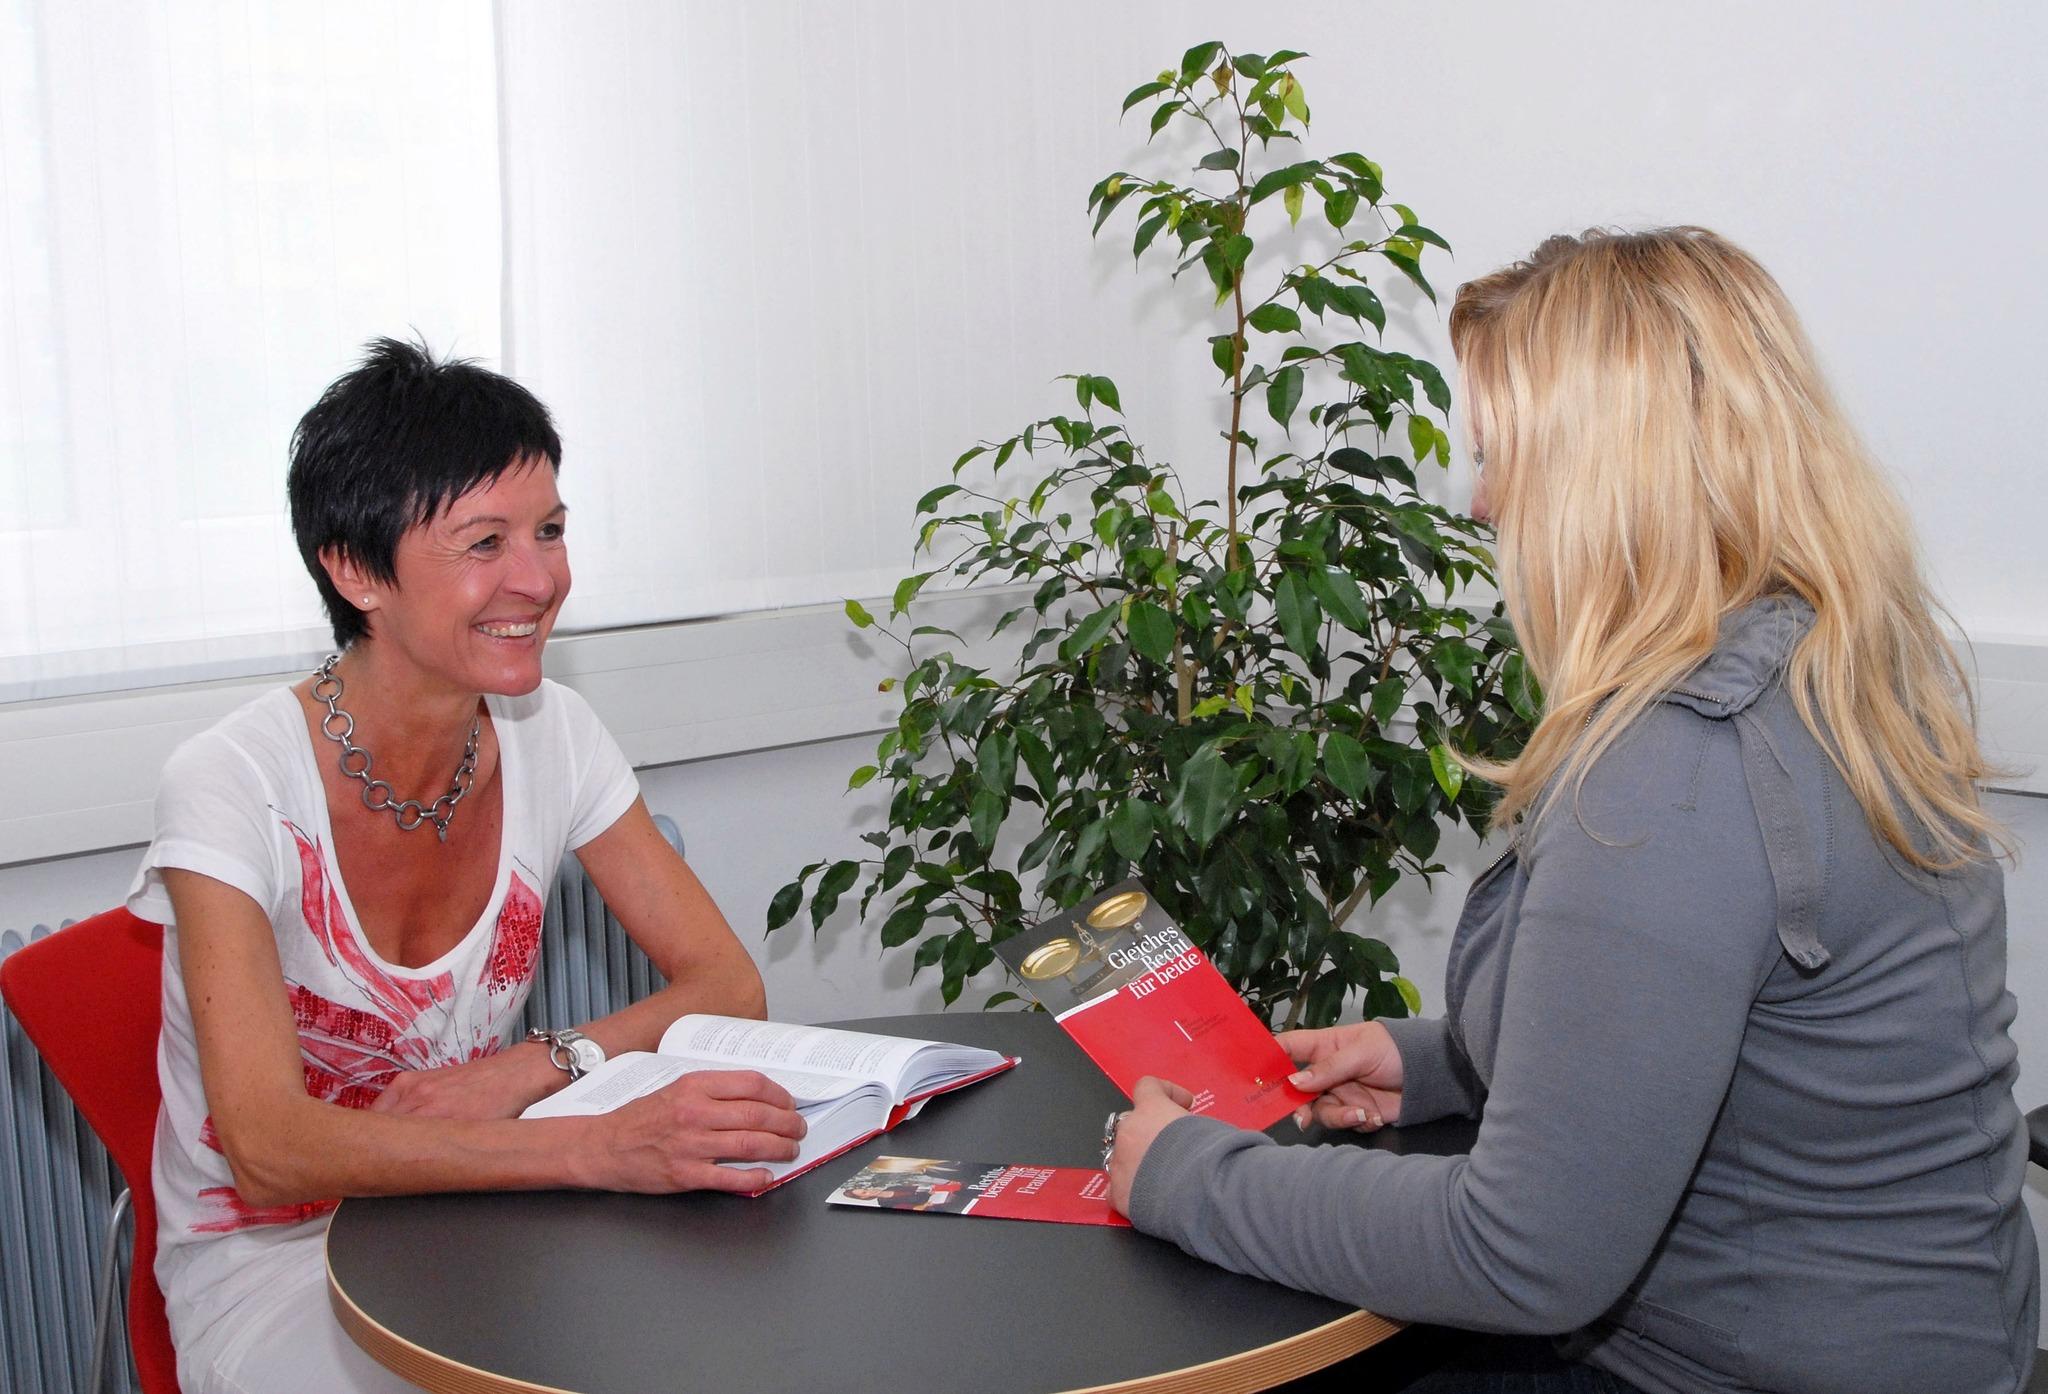 Partnersuche in Sankt Margarethen im Lungau bei Tamsweg